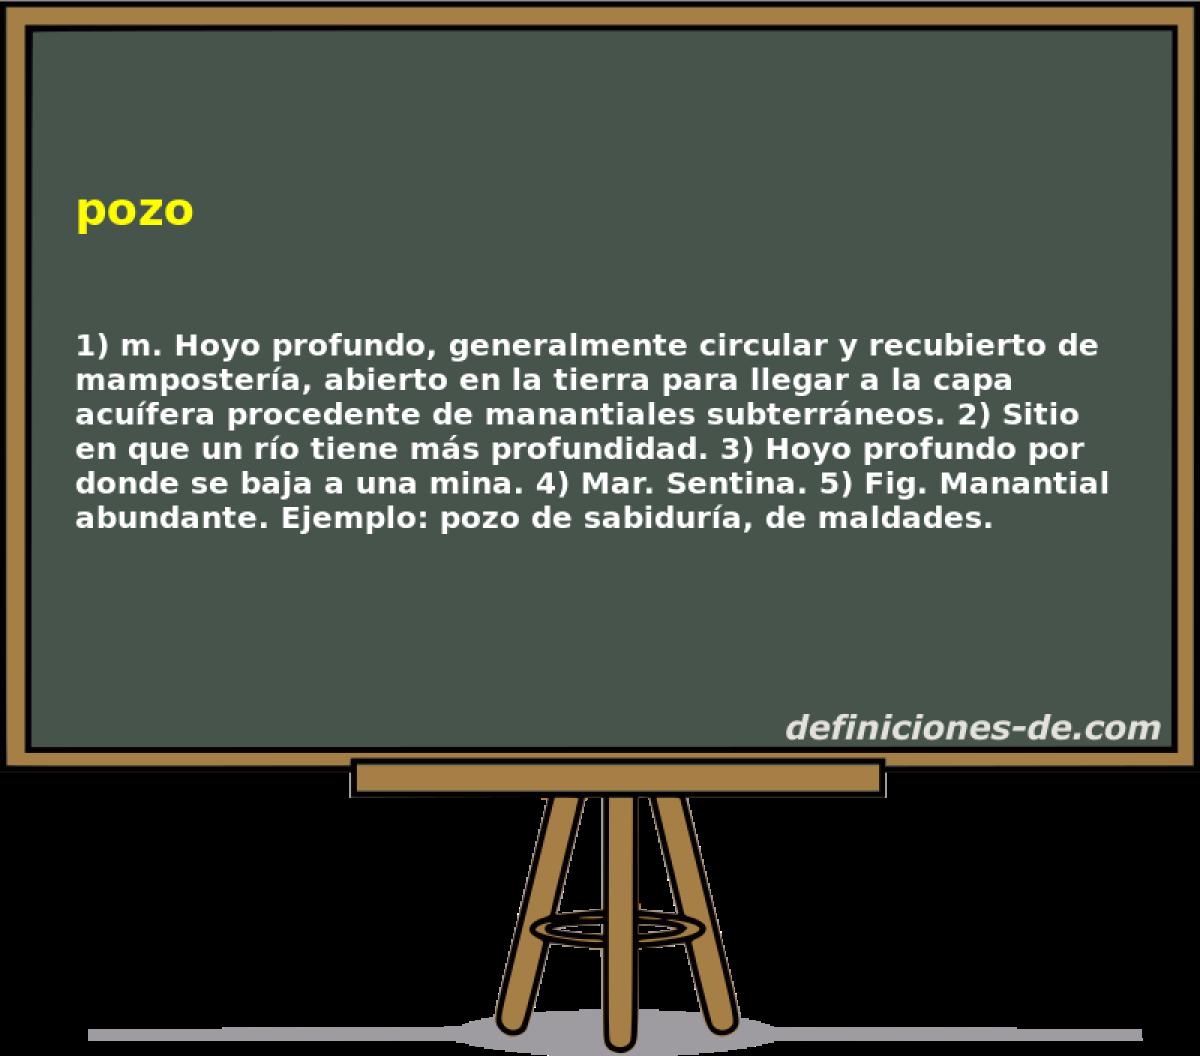 Qué significa Pozo?